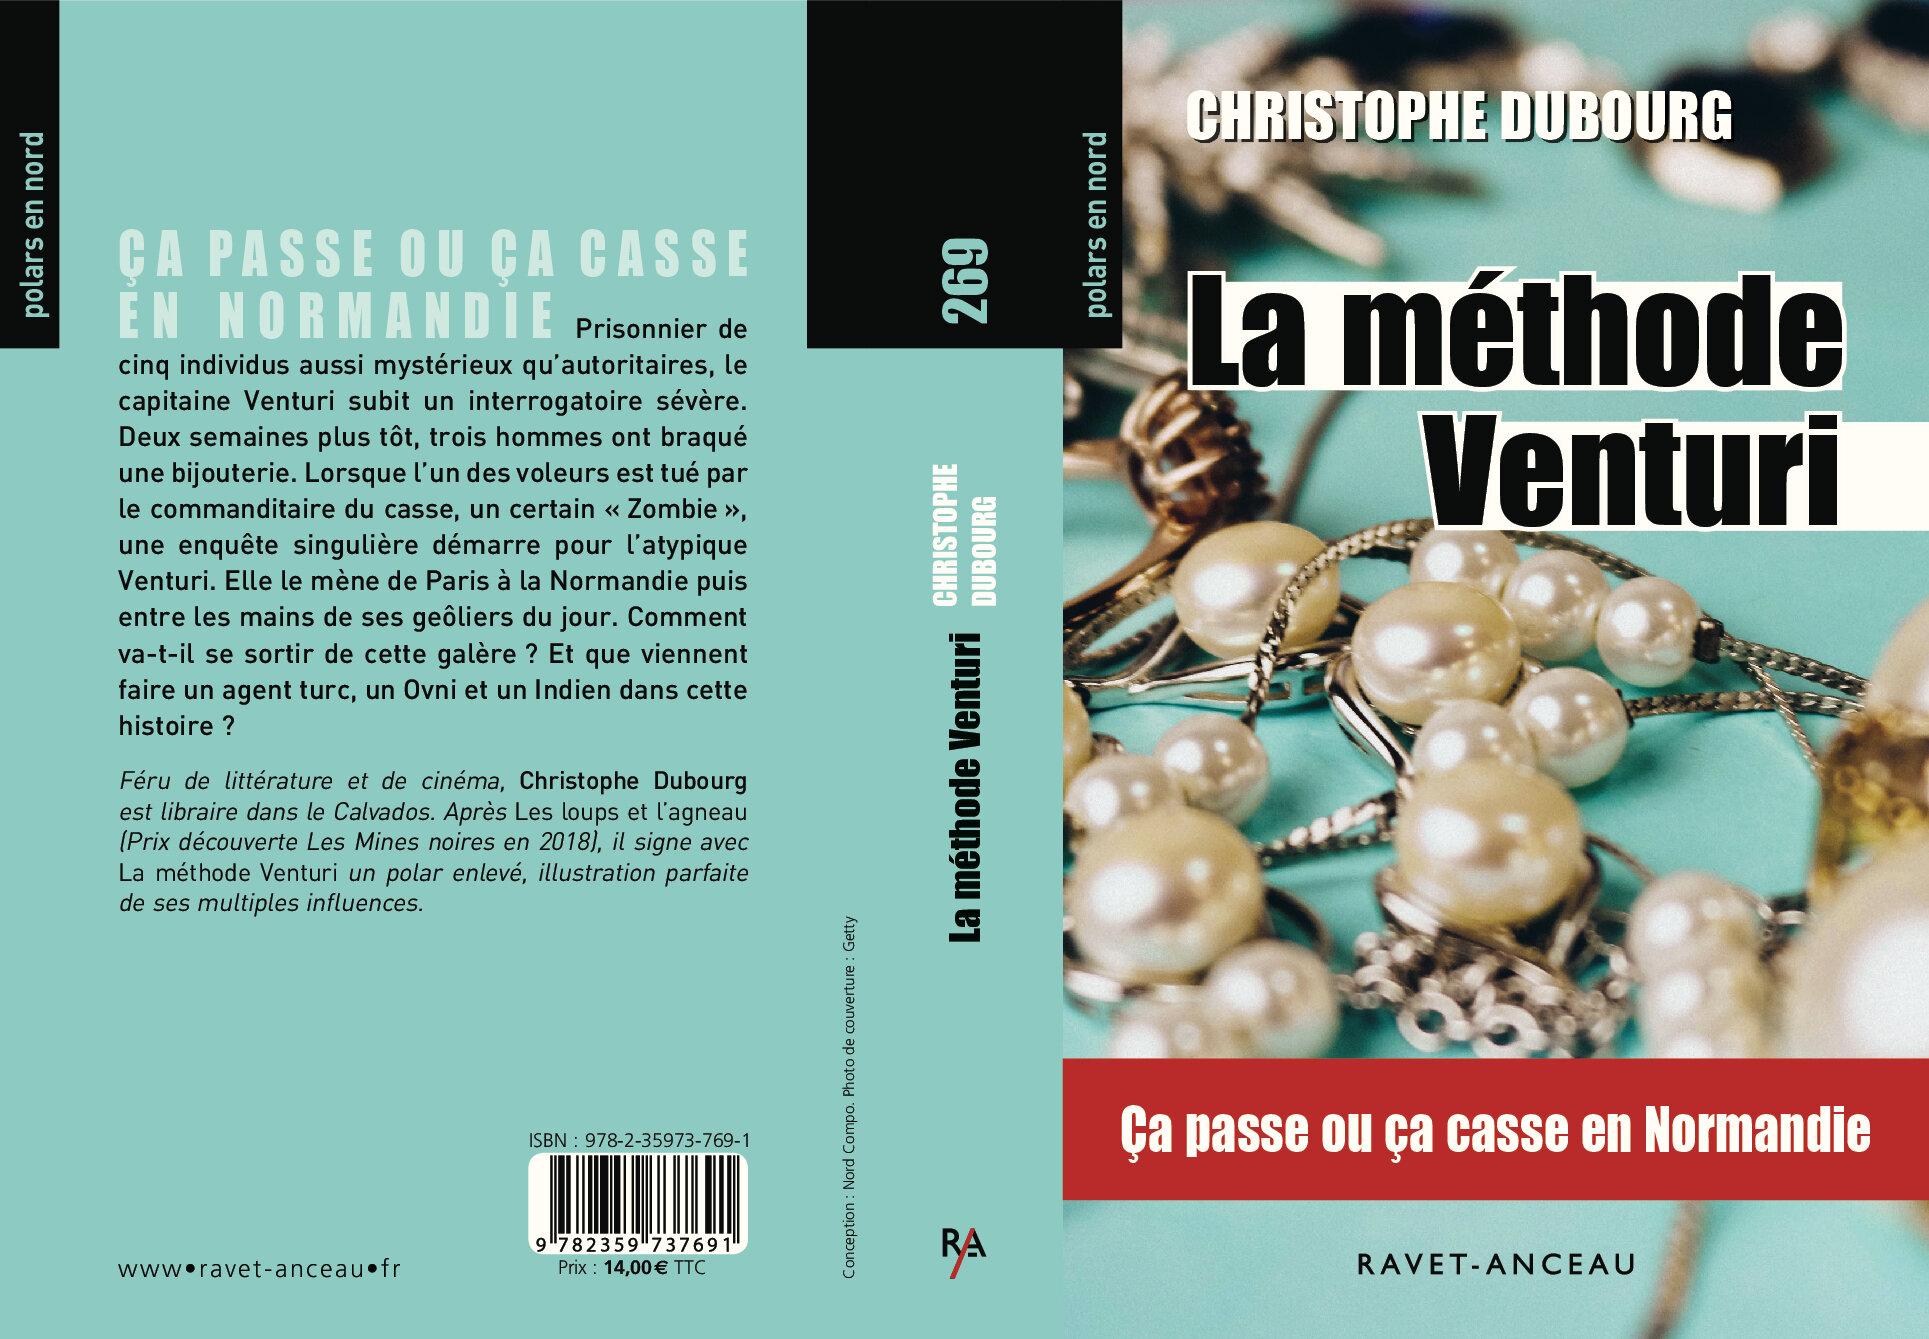 La méthode Venturi de Christophe Dubourg